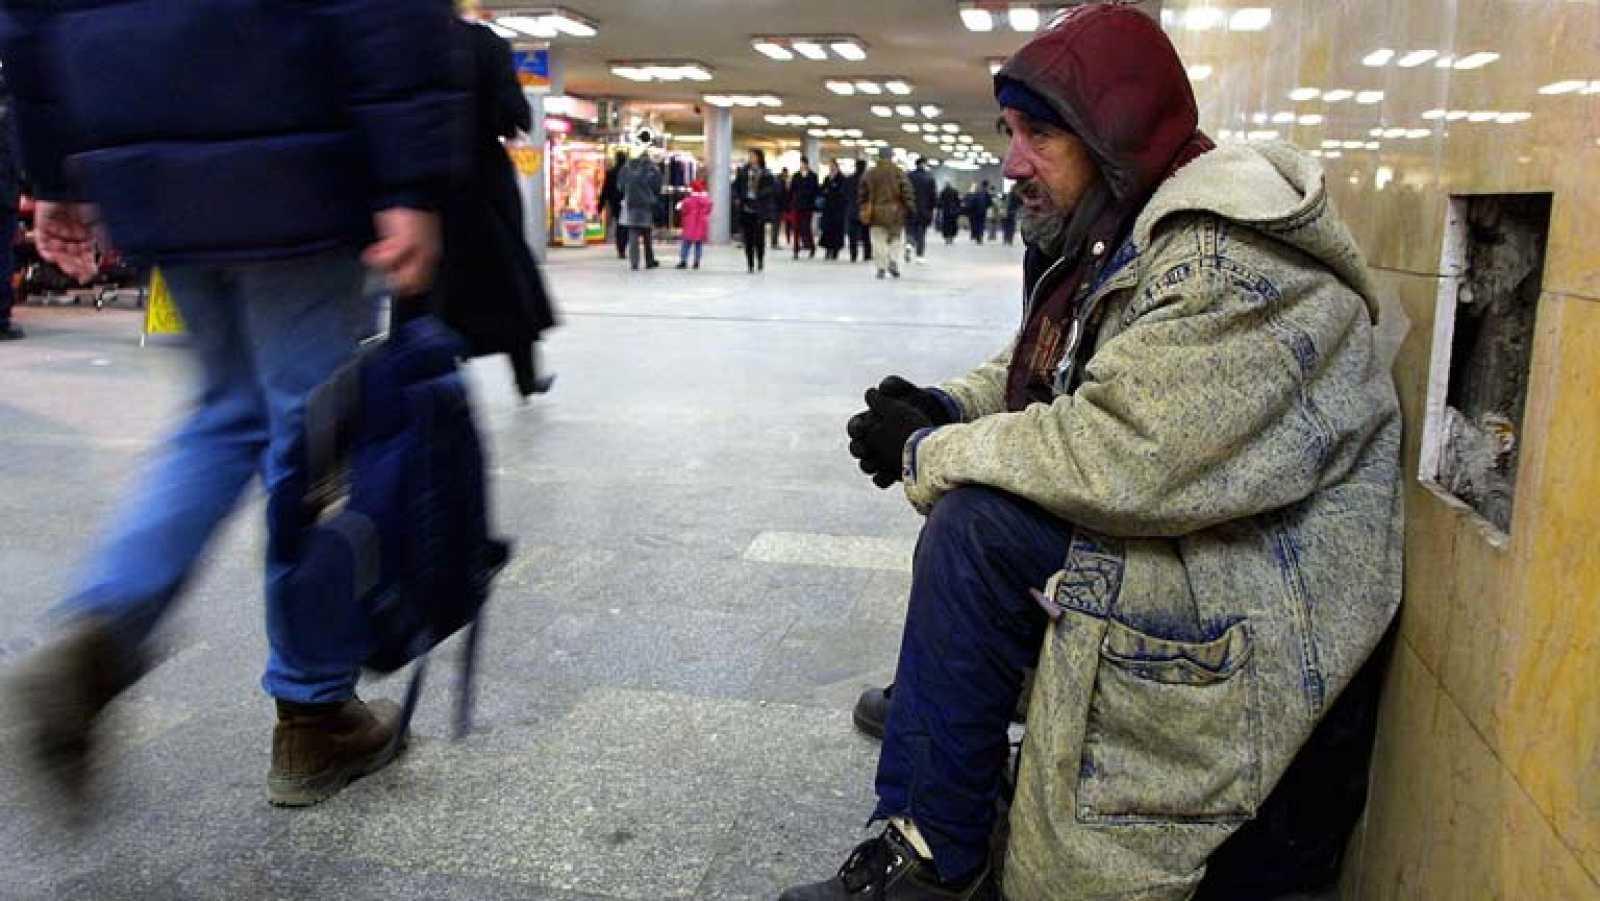 Tres millones de personas viven en situación de pobreza severa en España, según Cáritas